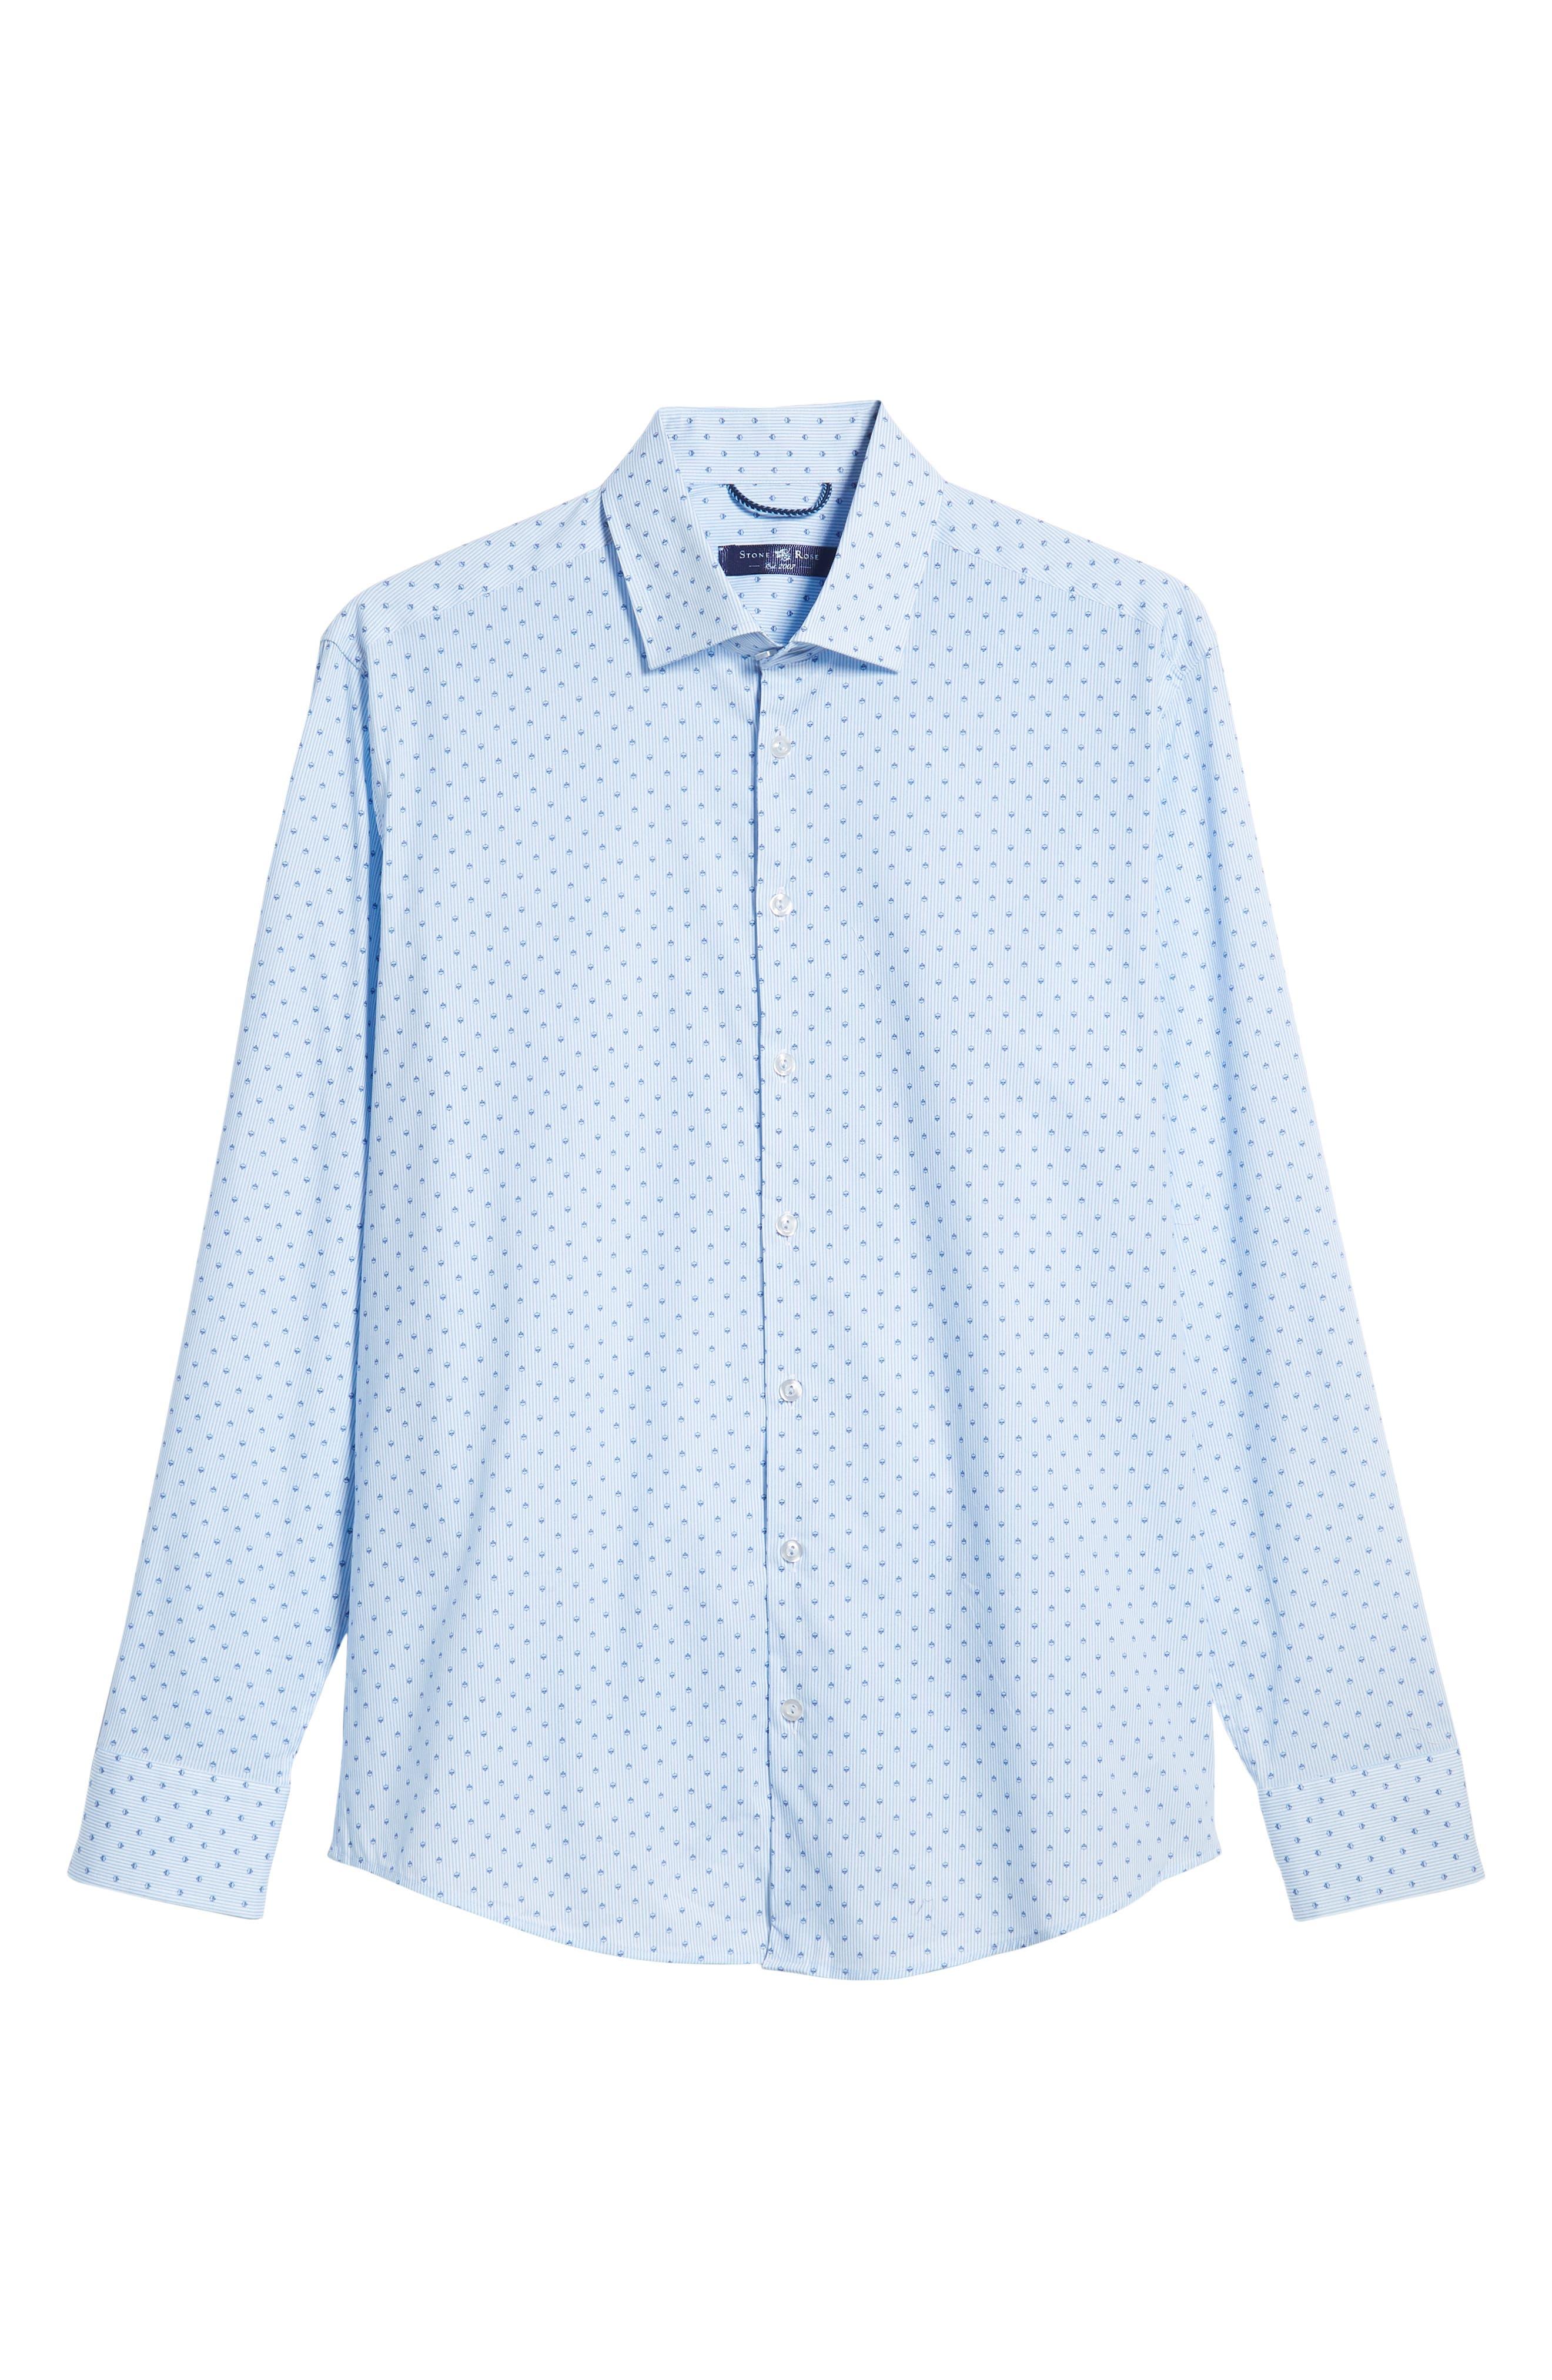 Trim Fit Print Sport Shirt,                             Alternate thumbnail 5, color,                             BLUE